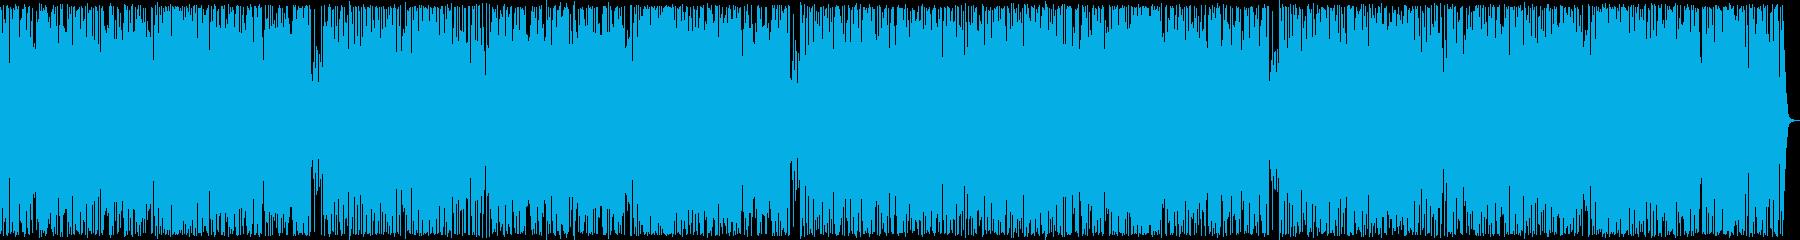 ジャジーなリゾートサウンドの再生済みの波形